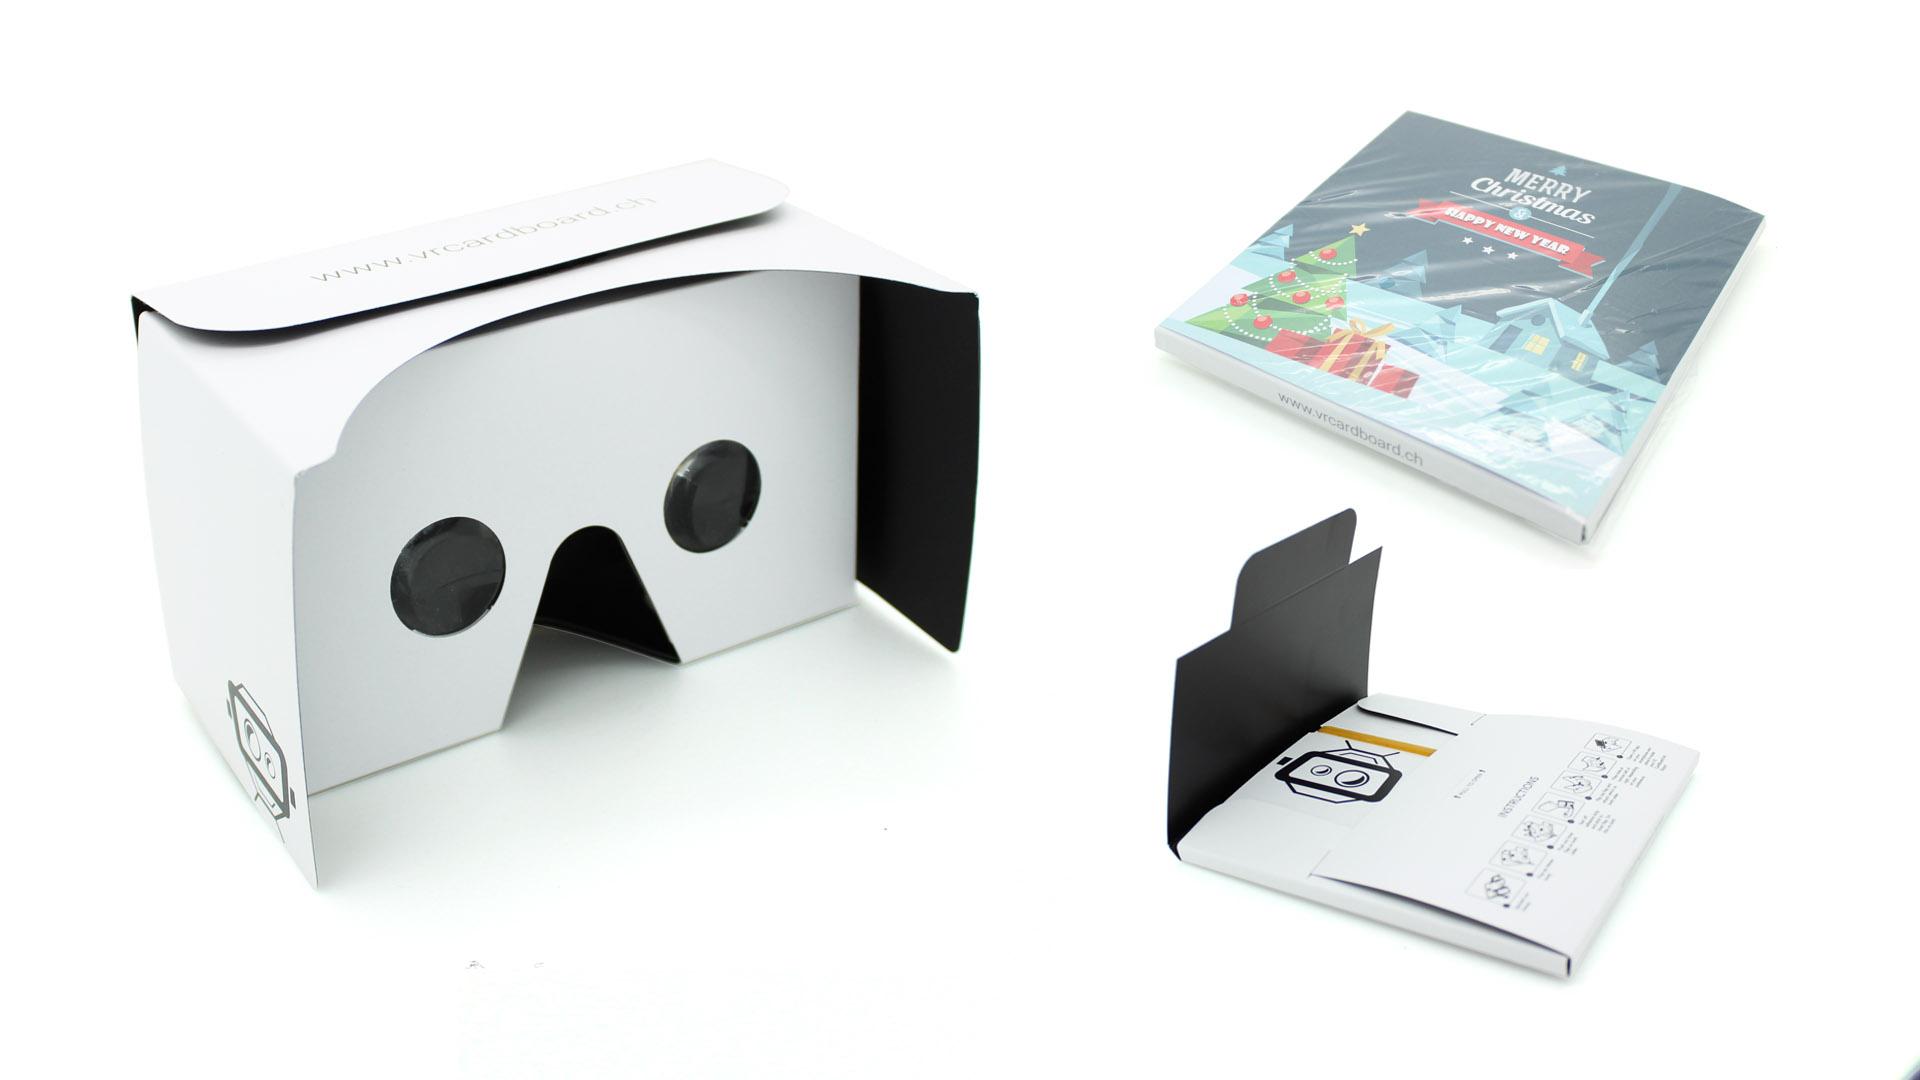 Preisalternative zu herk mmlichen vr brillen virtual - Interaktive weihnachtskarte ...